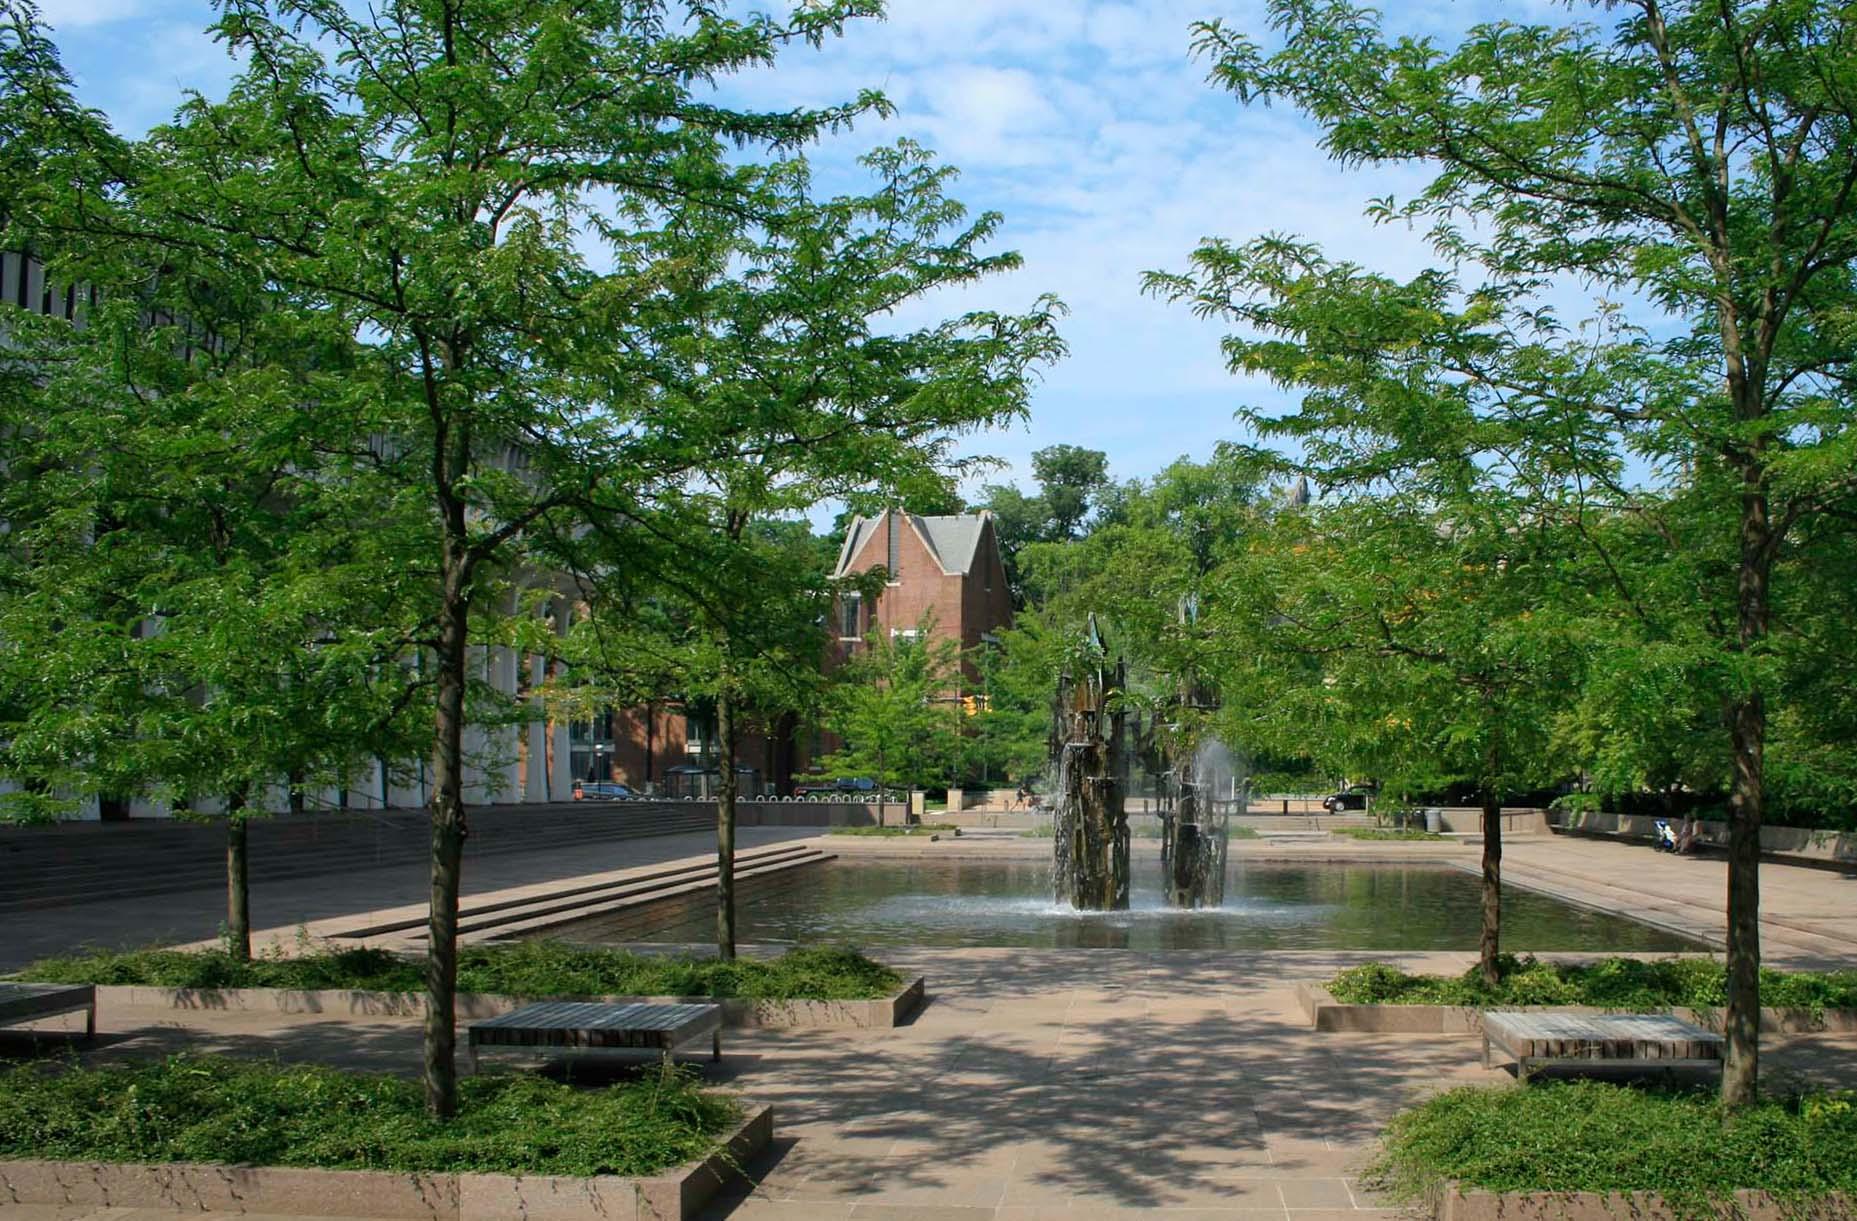 Princton University Scudder Plaza landscape architecture